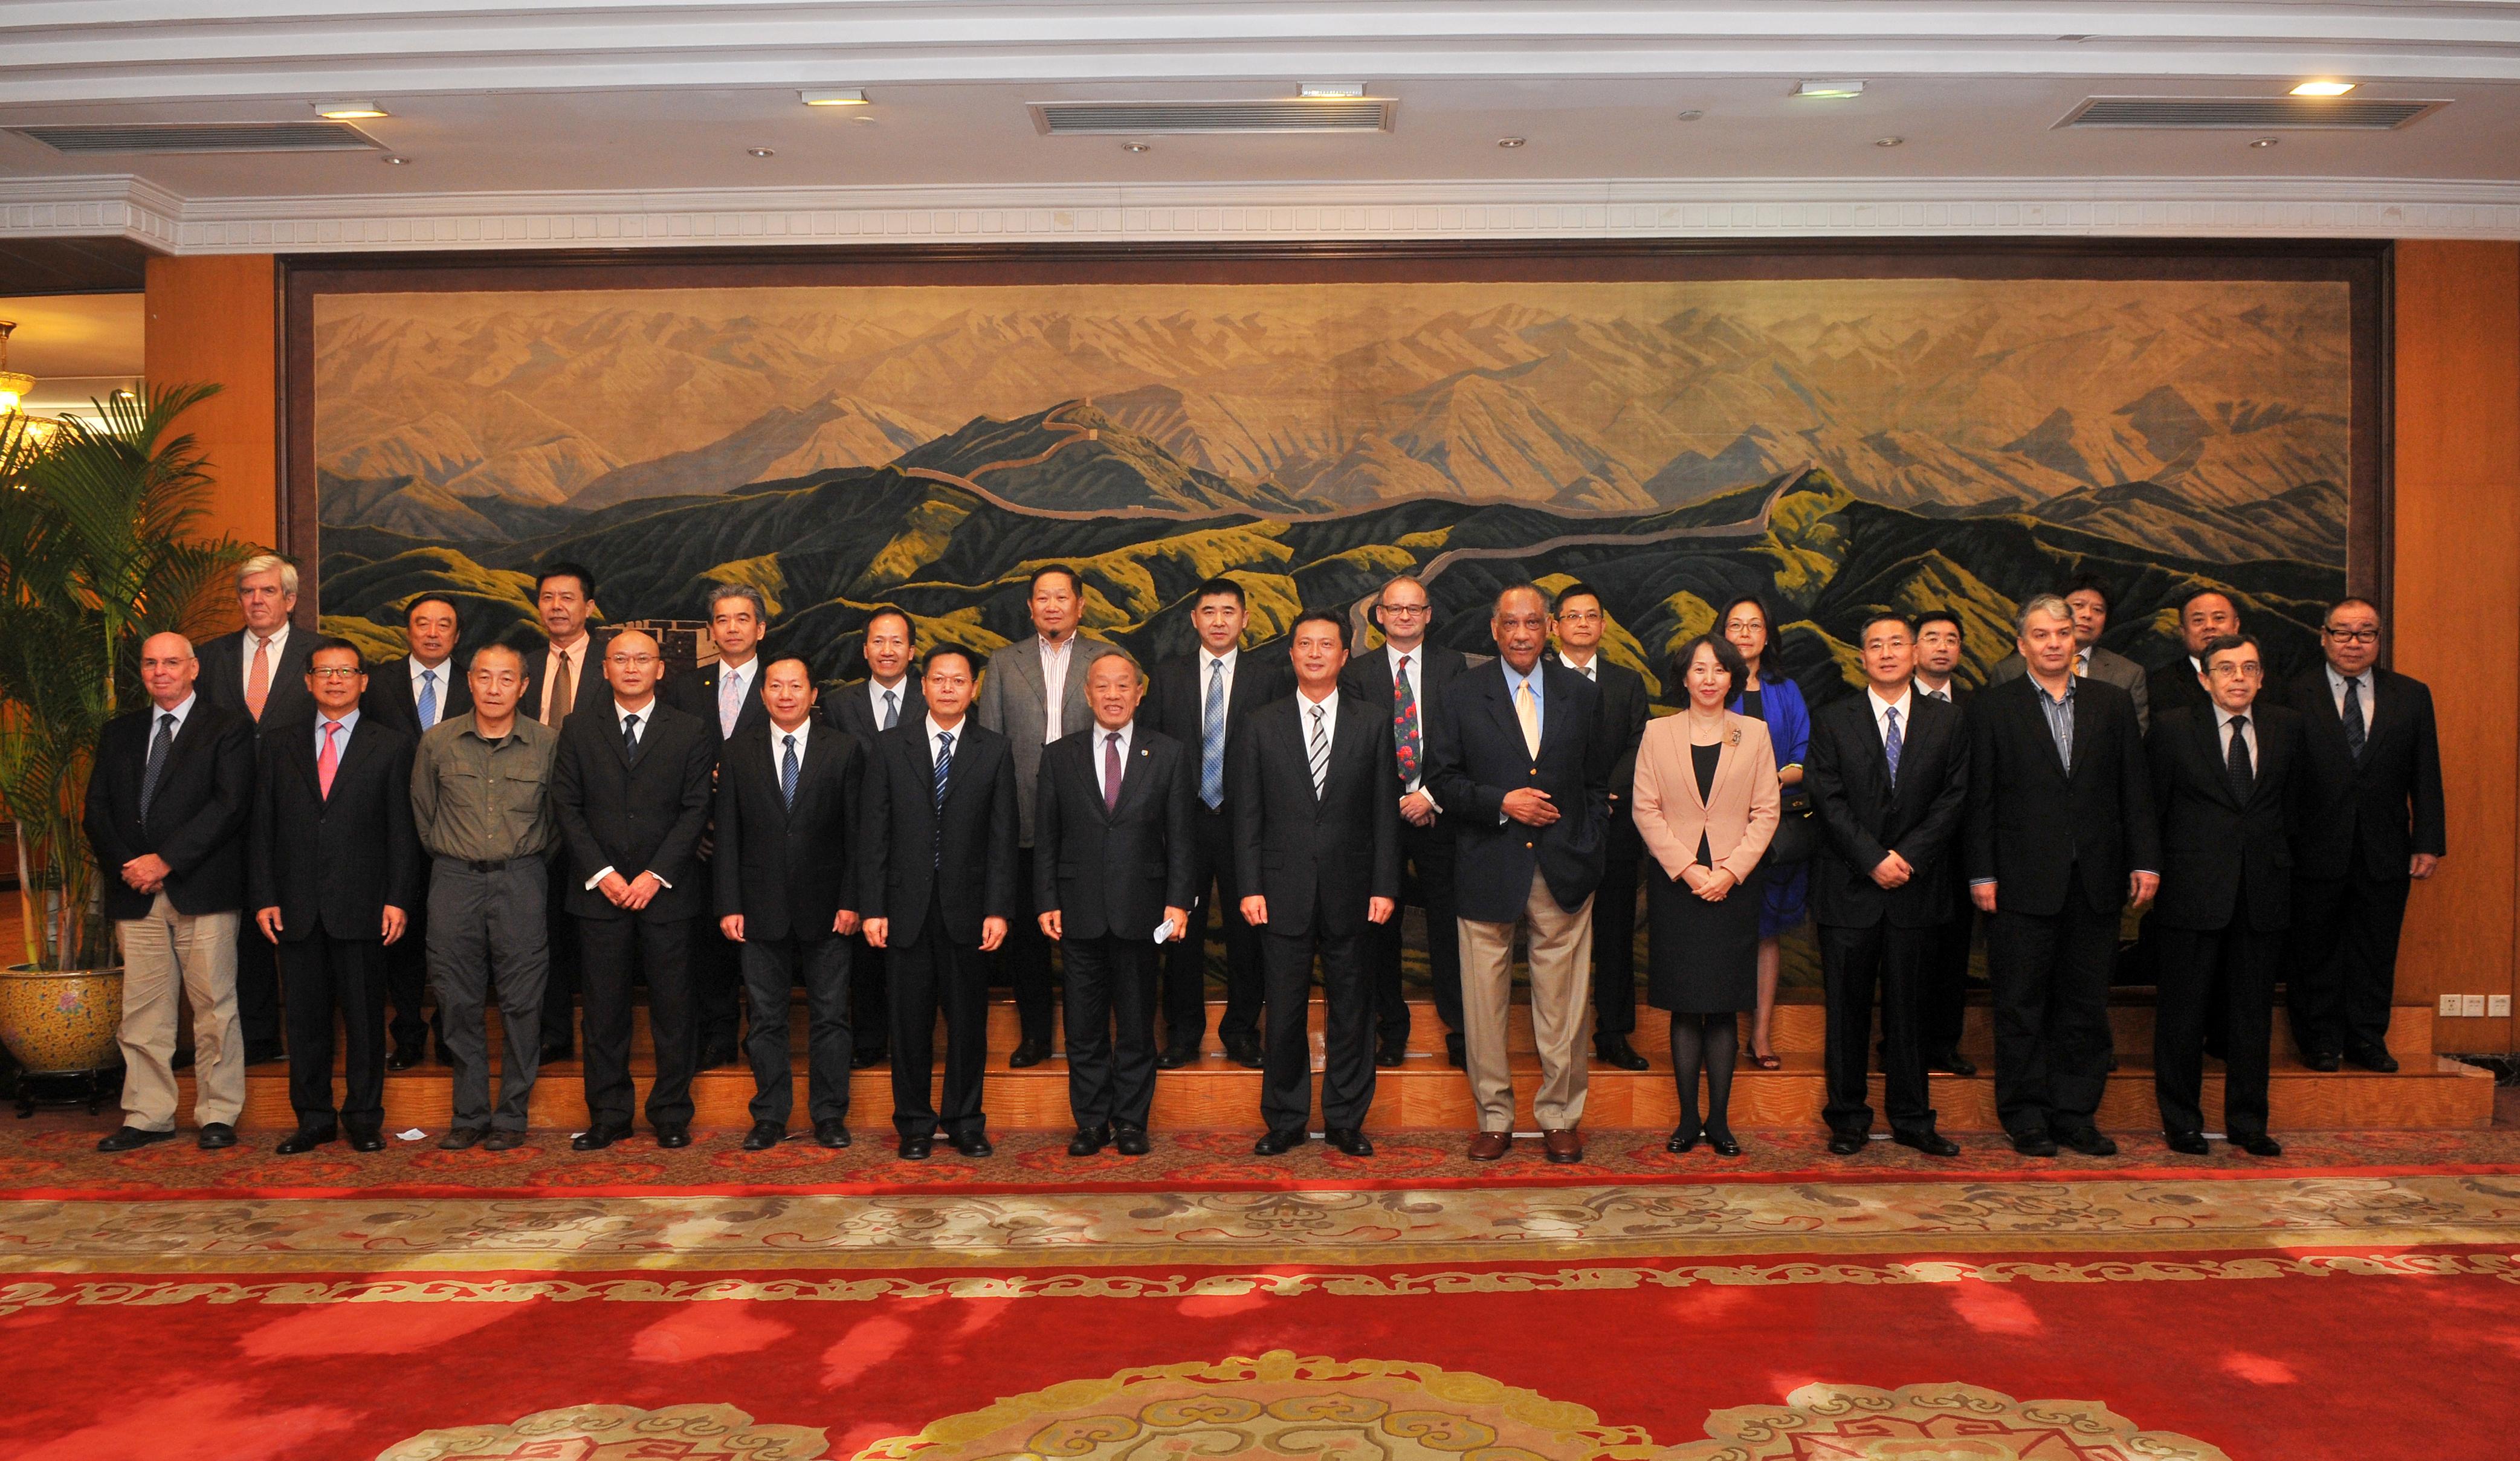 Shenzhen intl committee